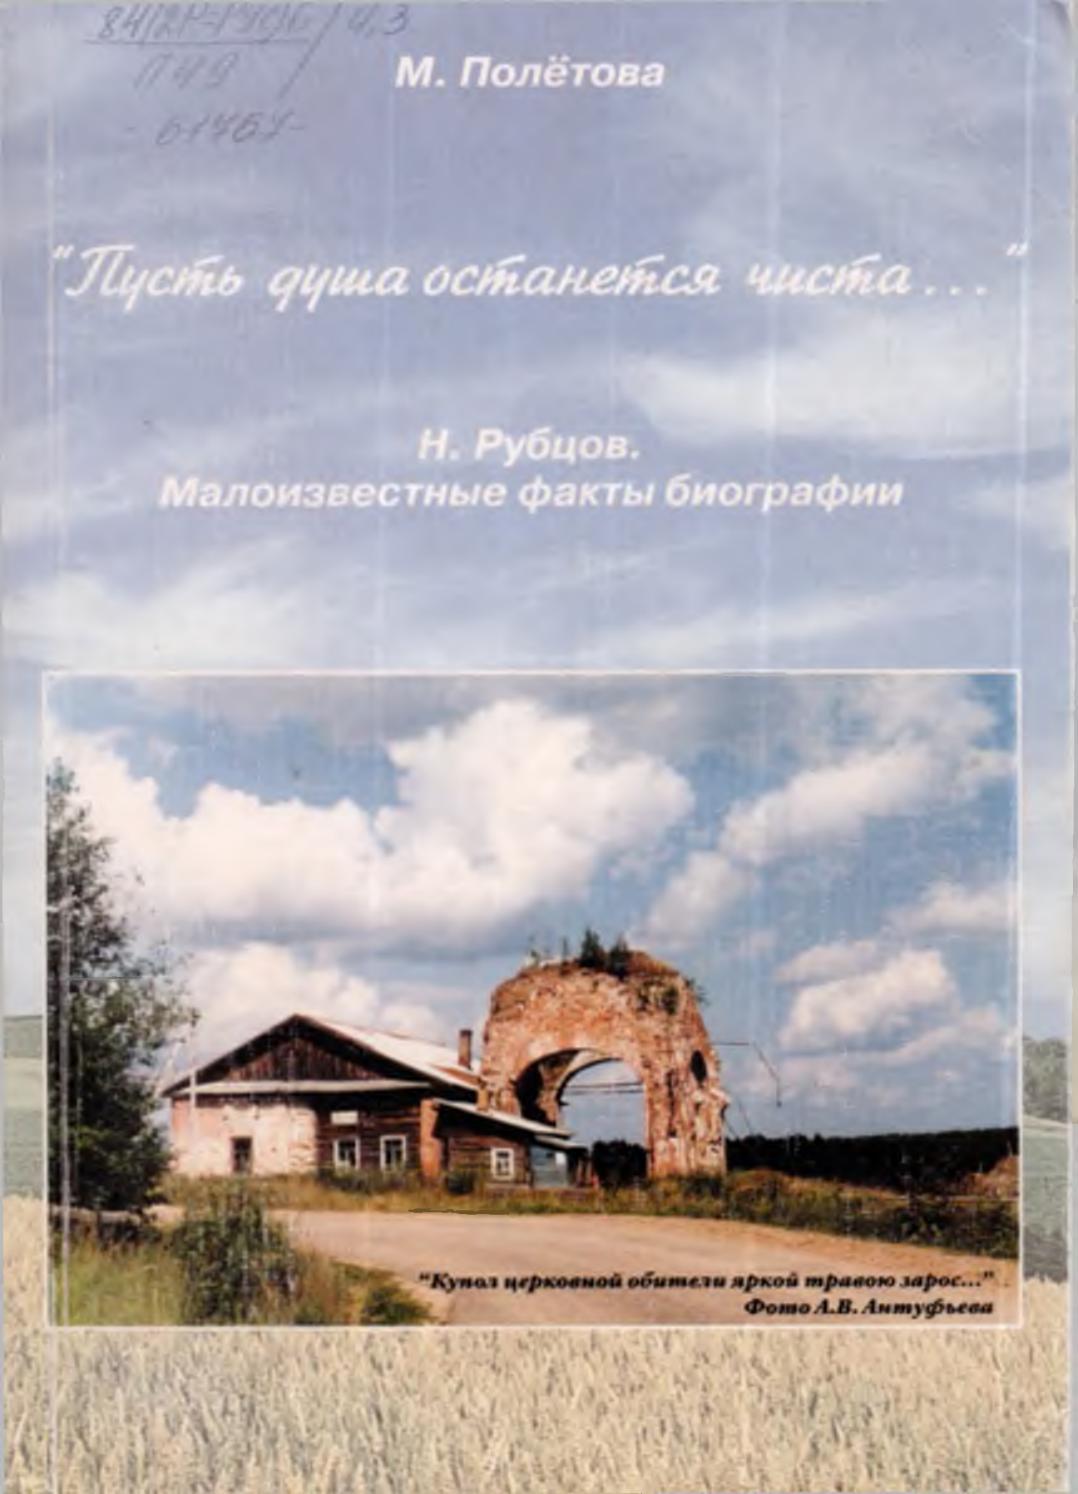 Пусть душа останется чиста by Тотемская Библиотека - issuu 40ca5d23b94